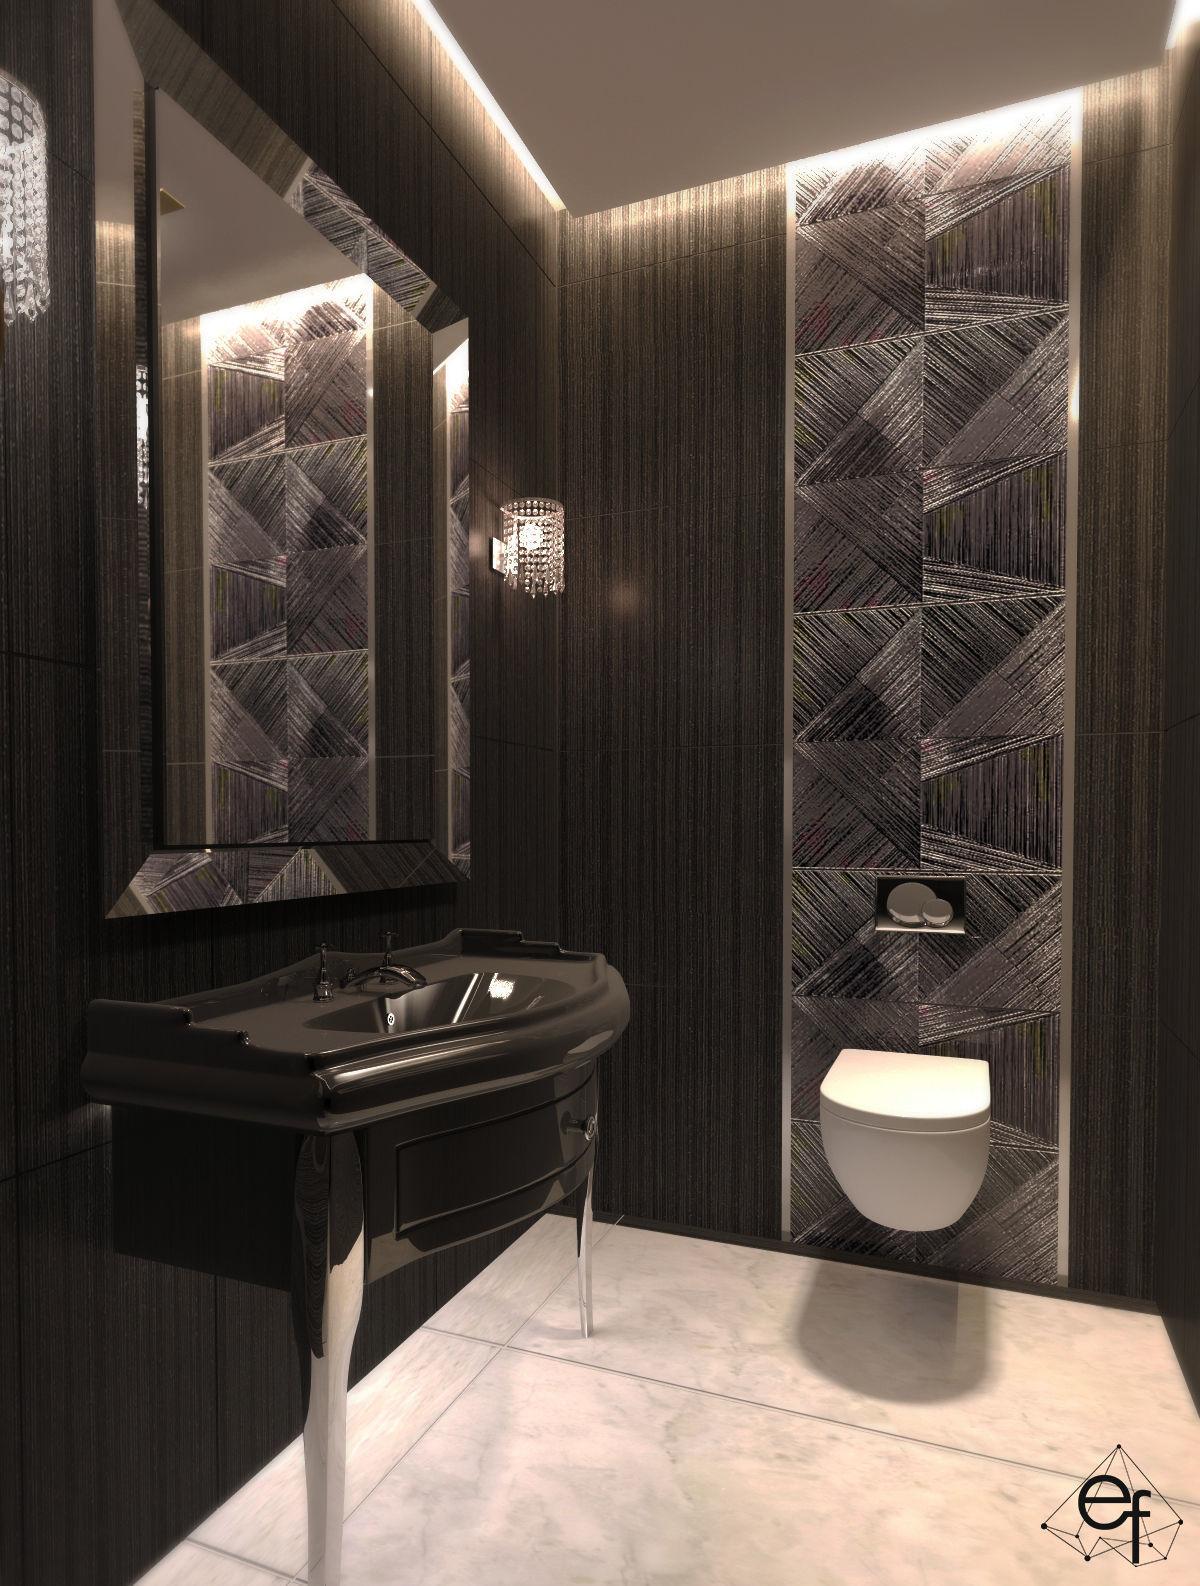 Modern Black Toilet - Erfe Design 3D model | CGTrader on Model Toilet Design  id=59028